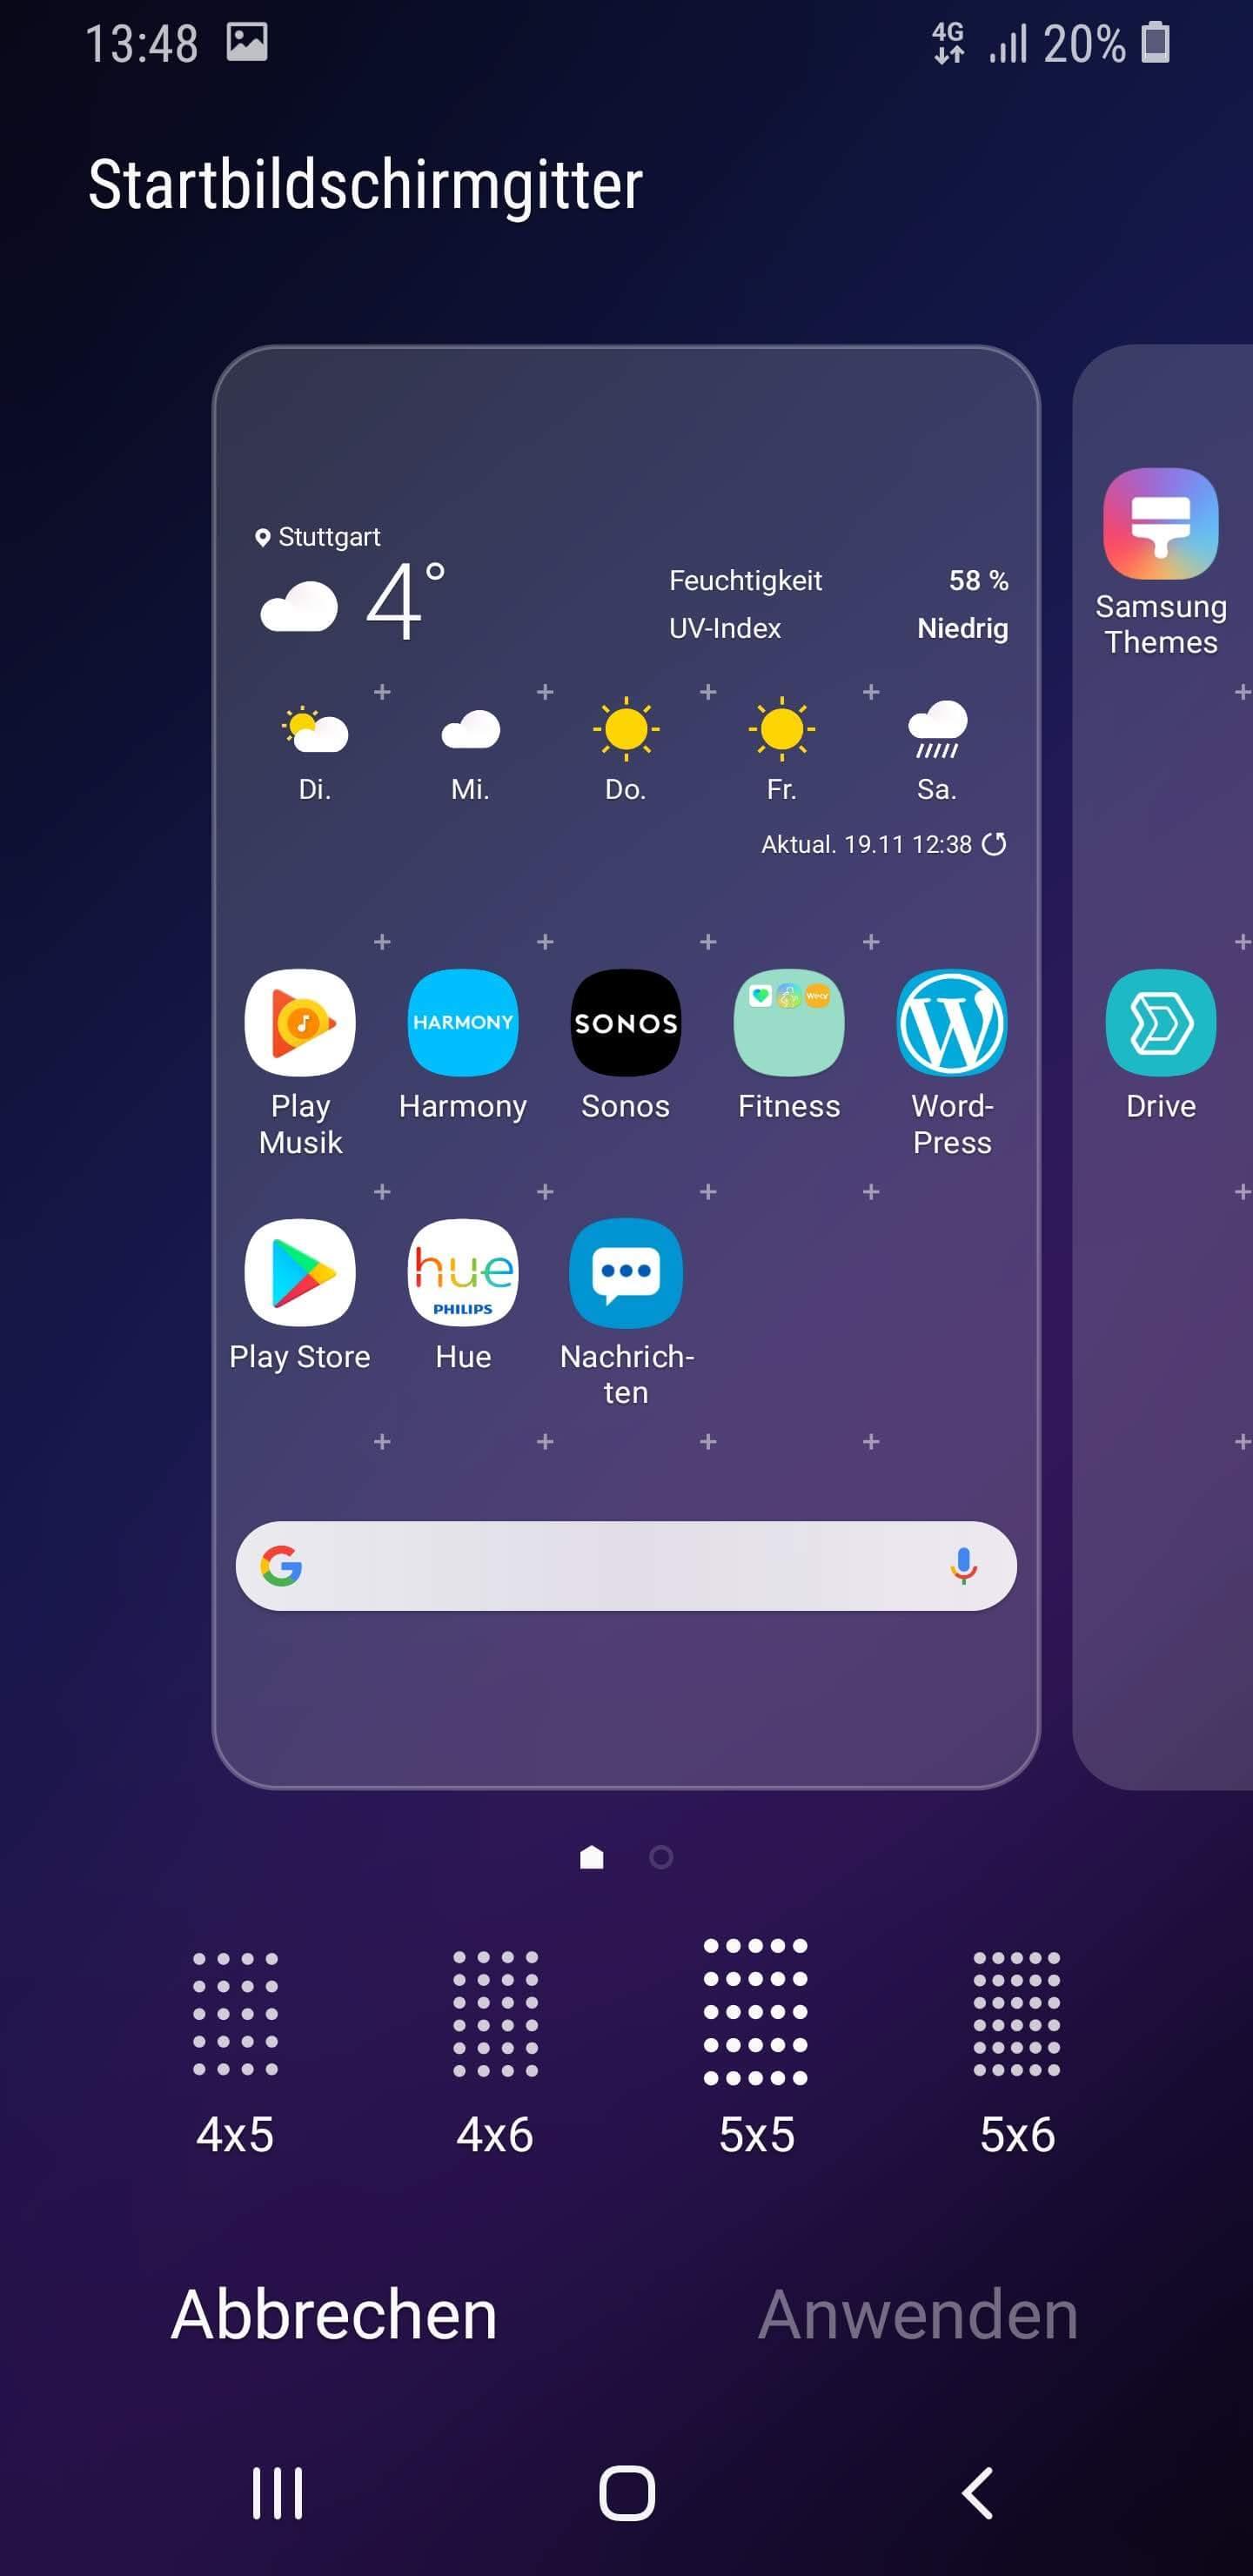 Galaxy S9 Android 9 One UI Beta gestartet: so schön sah eine Samsung UI noch nie aus 3